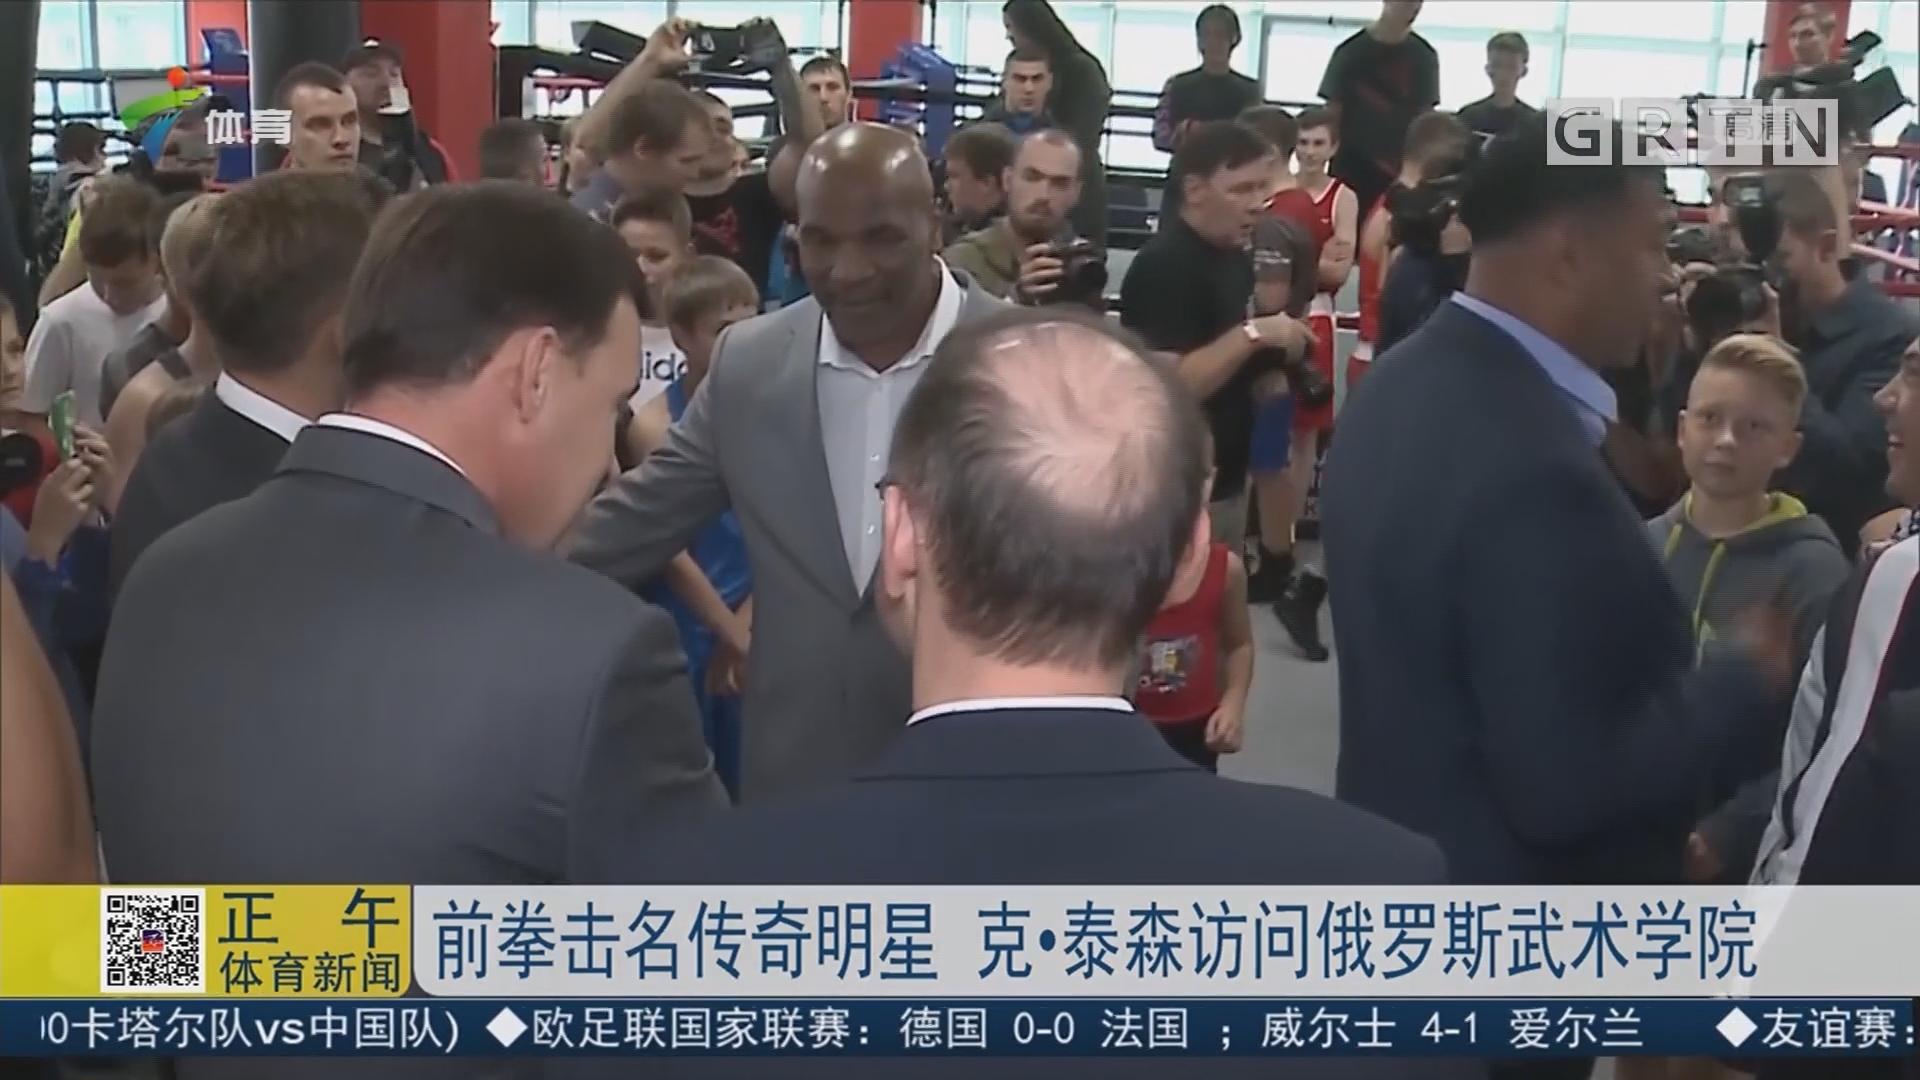 前拳击名传奇明星克·泰森访问俄罗斯武术学院